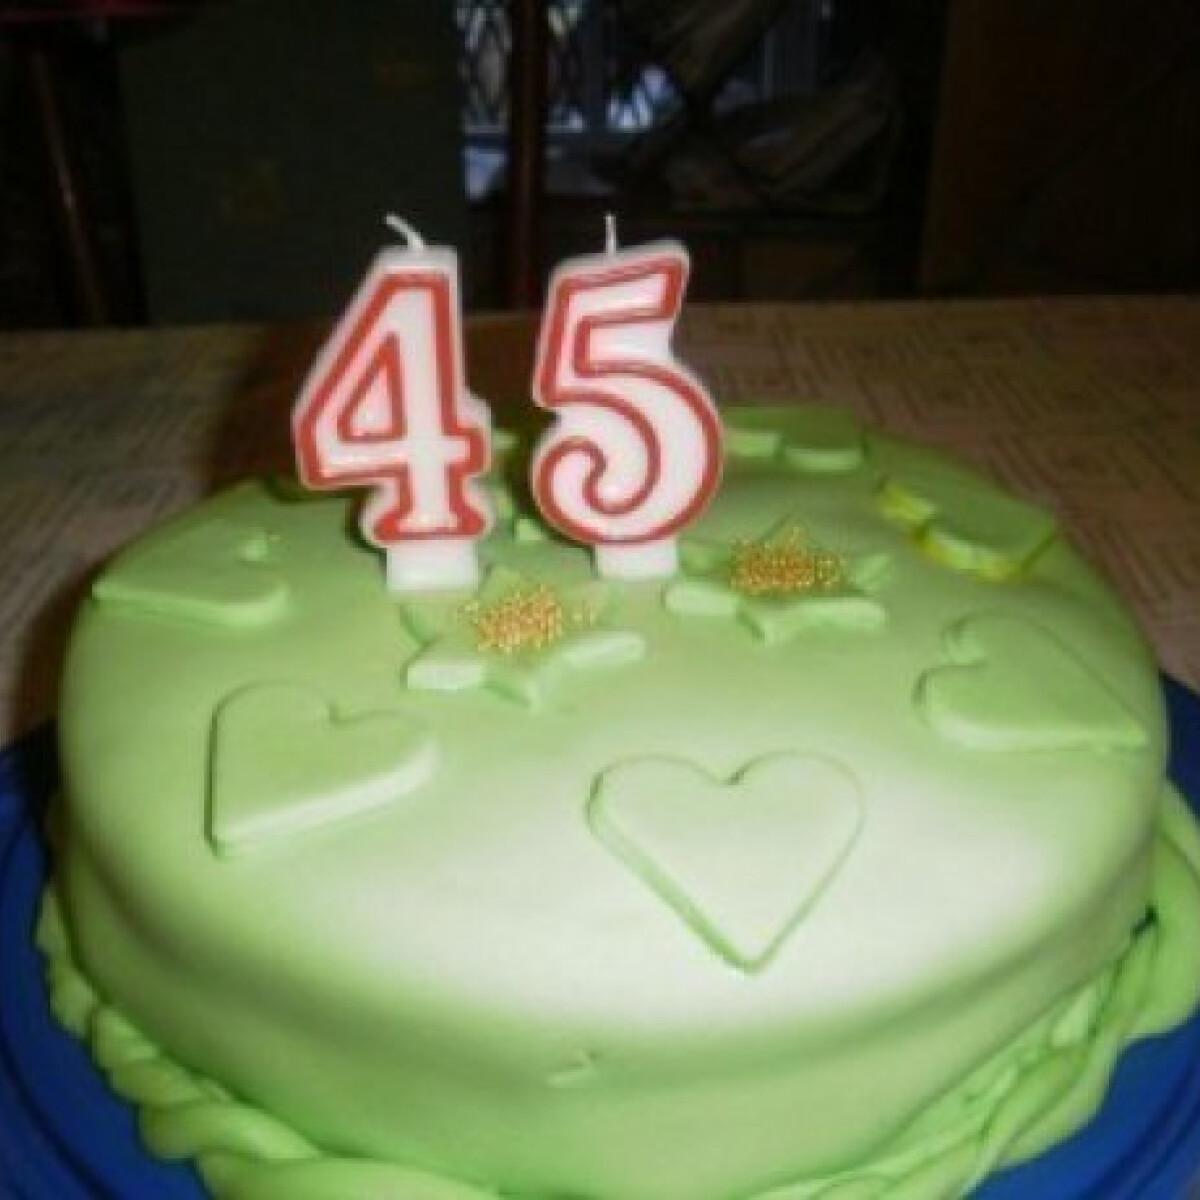 Kókuszkrémes torta 3. - fondant-nal bevonva